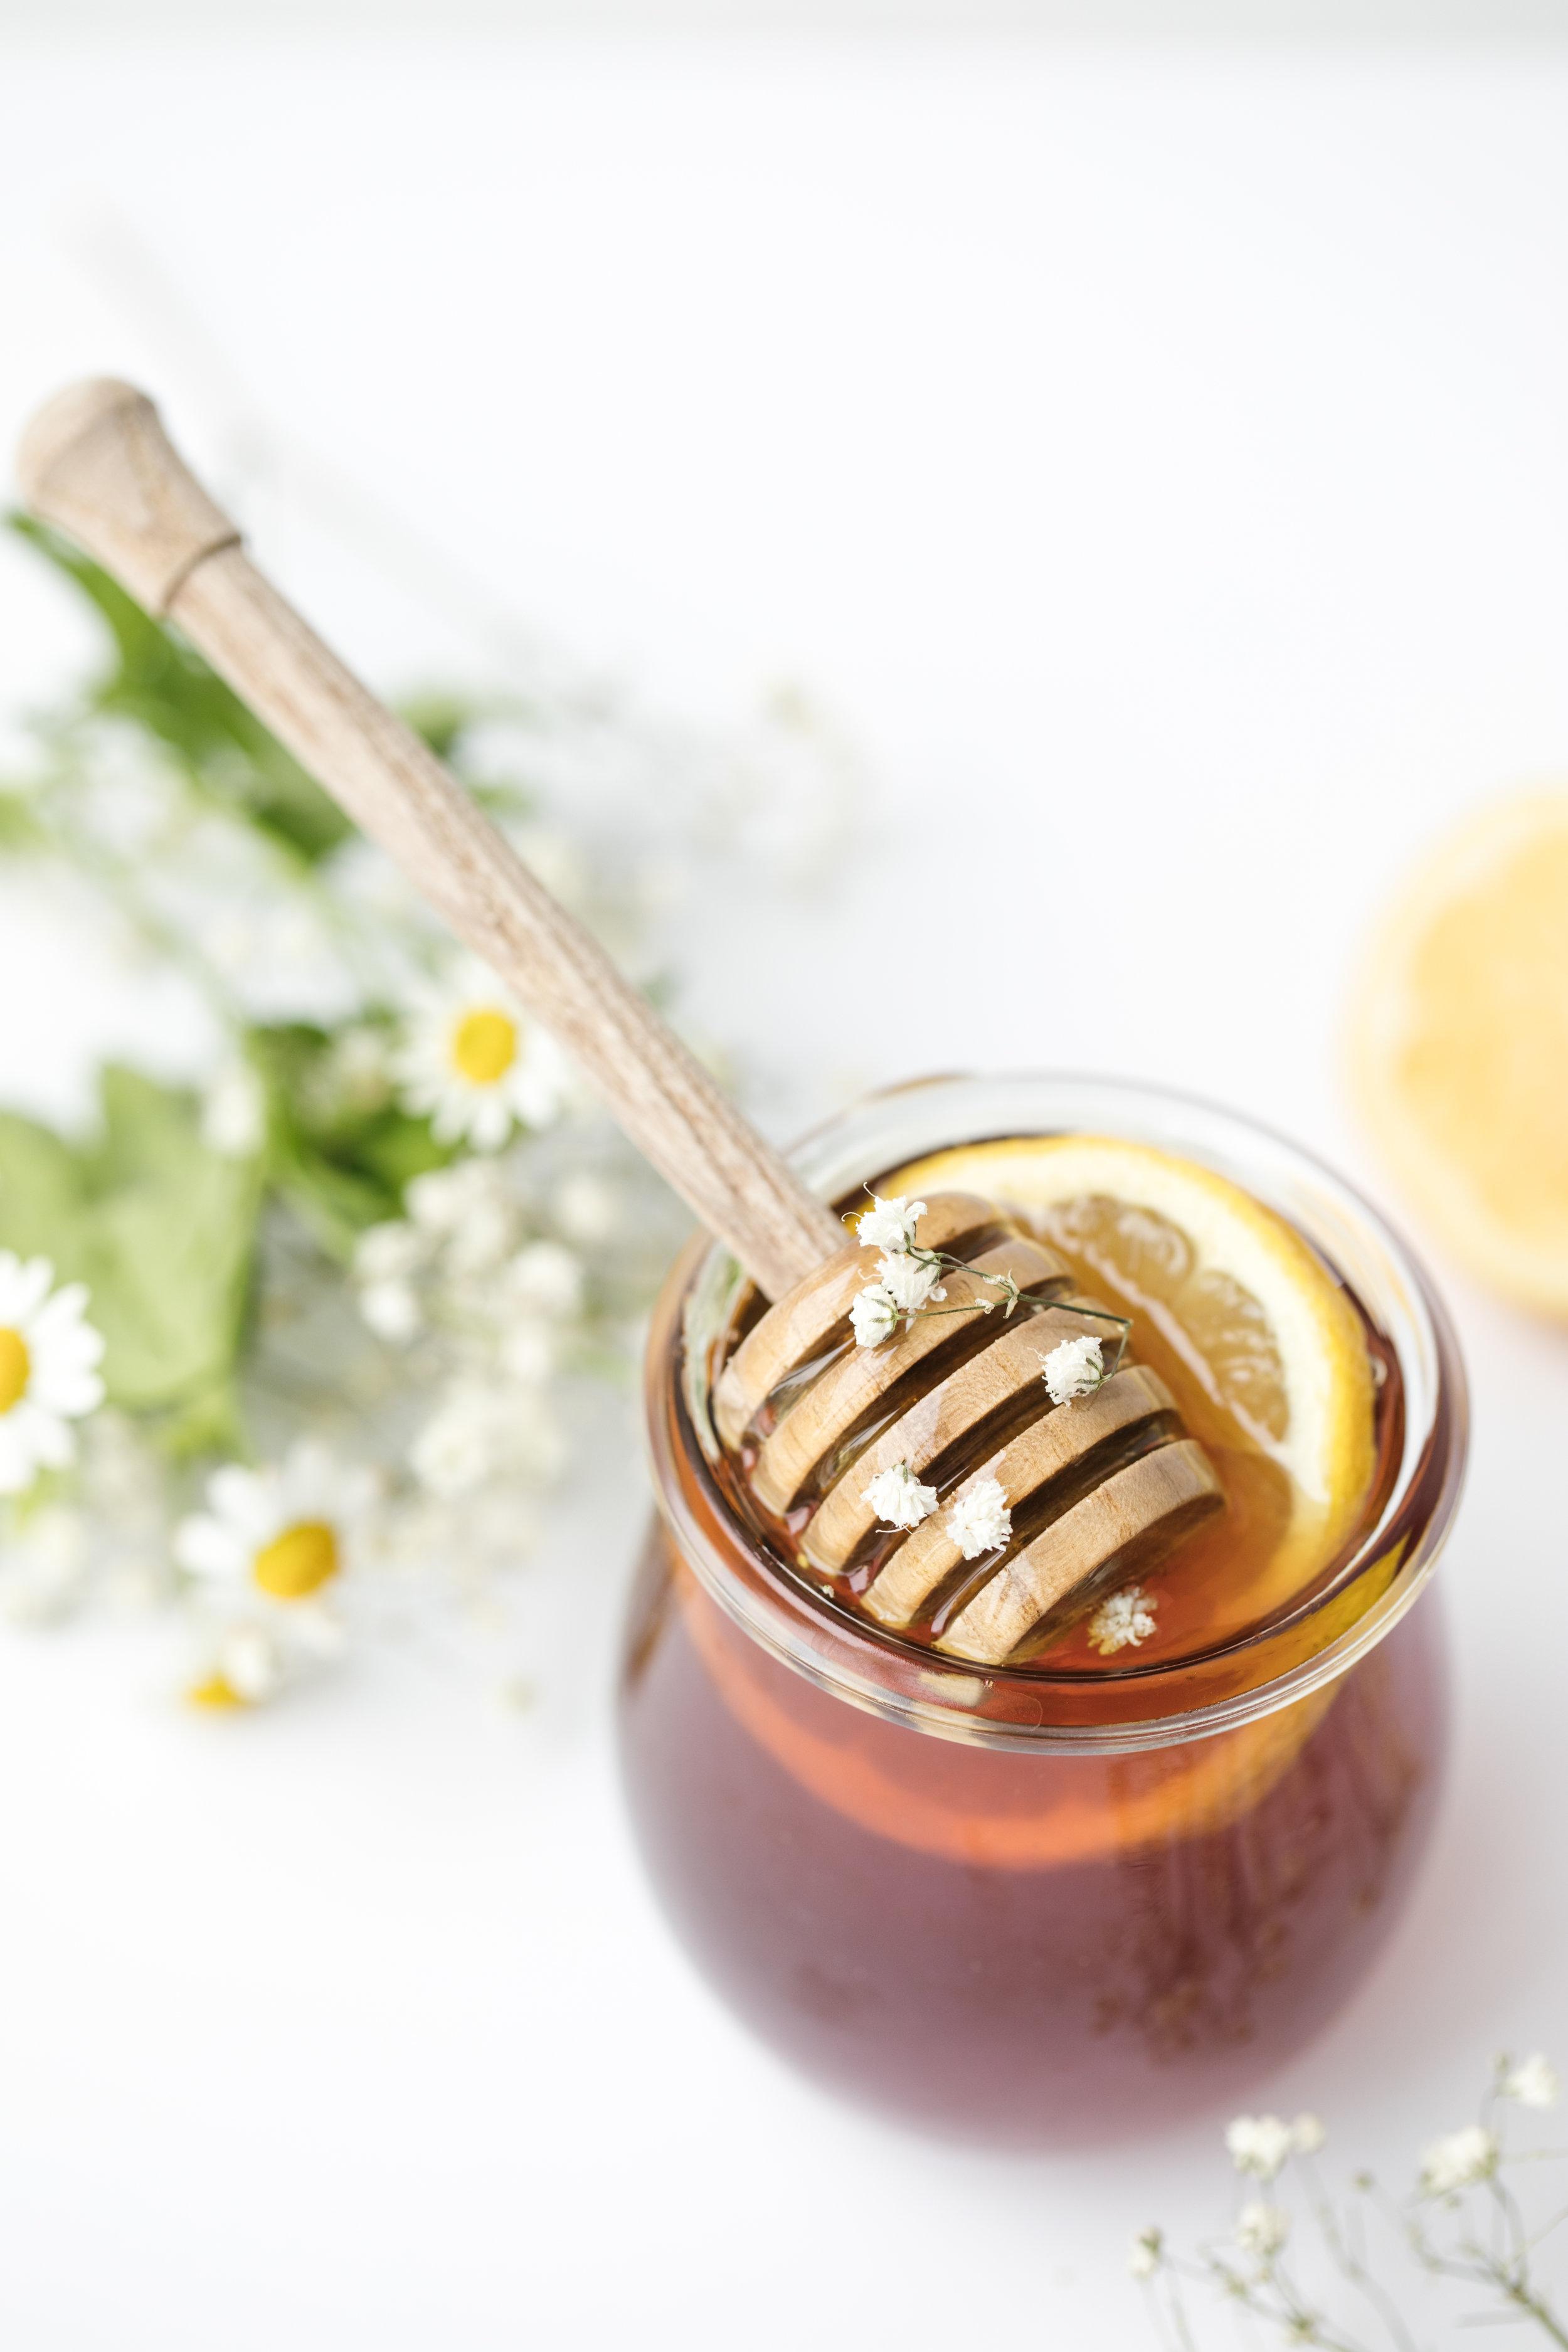 Miel - ll contient des enzymes, des antibiotiques naturels, des antioxydants et des vitamines (A, B, C). Son goût onctueux et doux calme le corps et stimule les endorphines, faisant du miel un bon aliment contre le stress et l'anxiété.